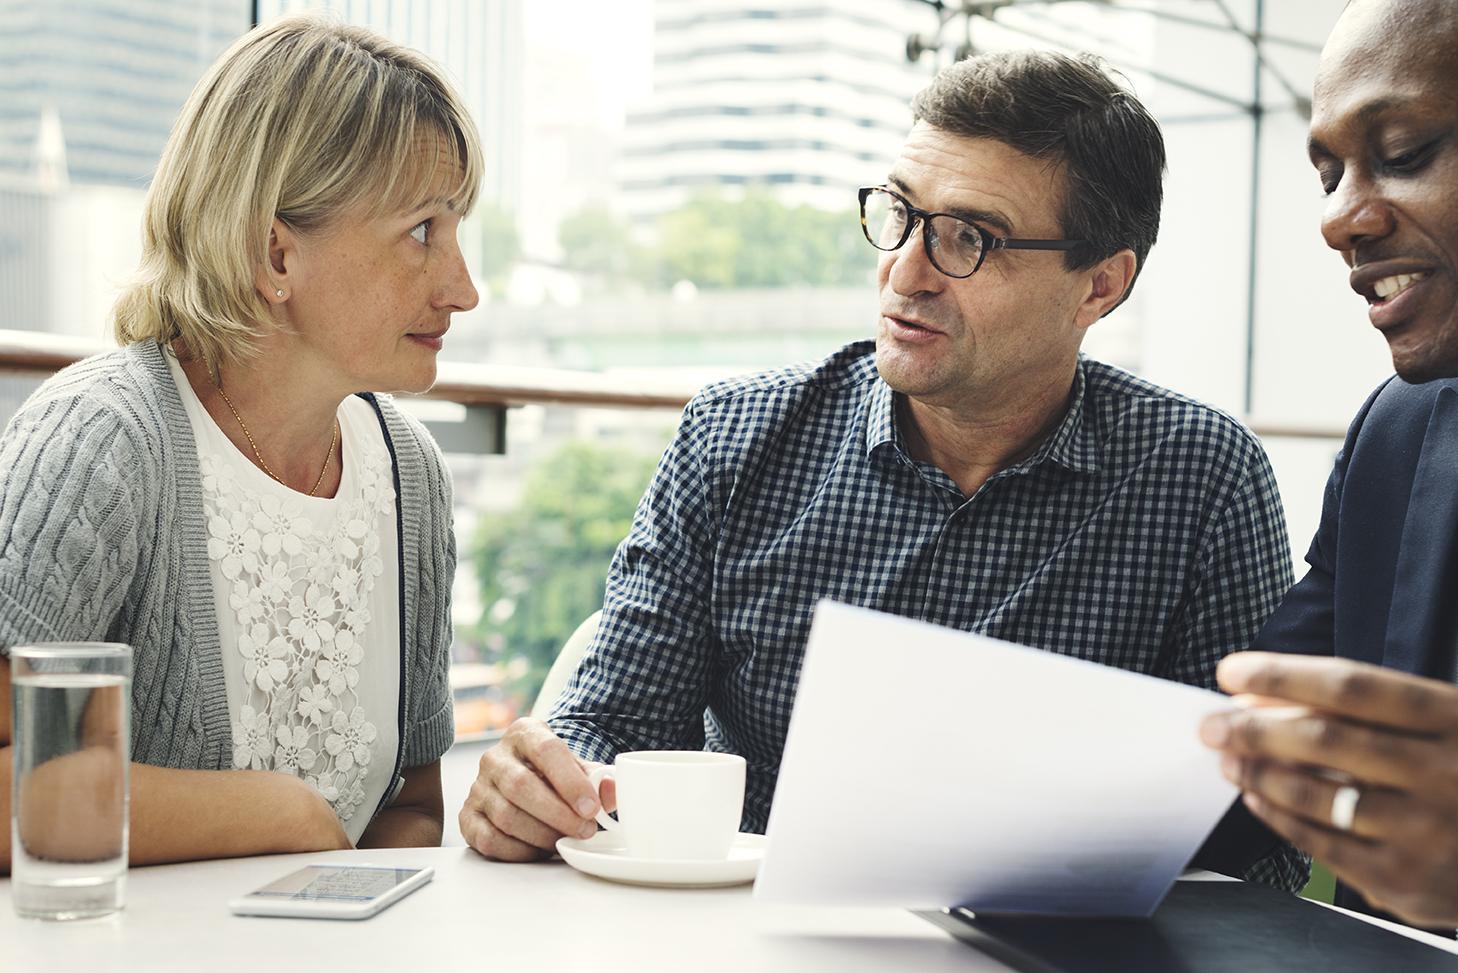 Ponce y Mugar, correduría de seguros Madrid, te asesora sobre el mejor plan de pensiones para ti